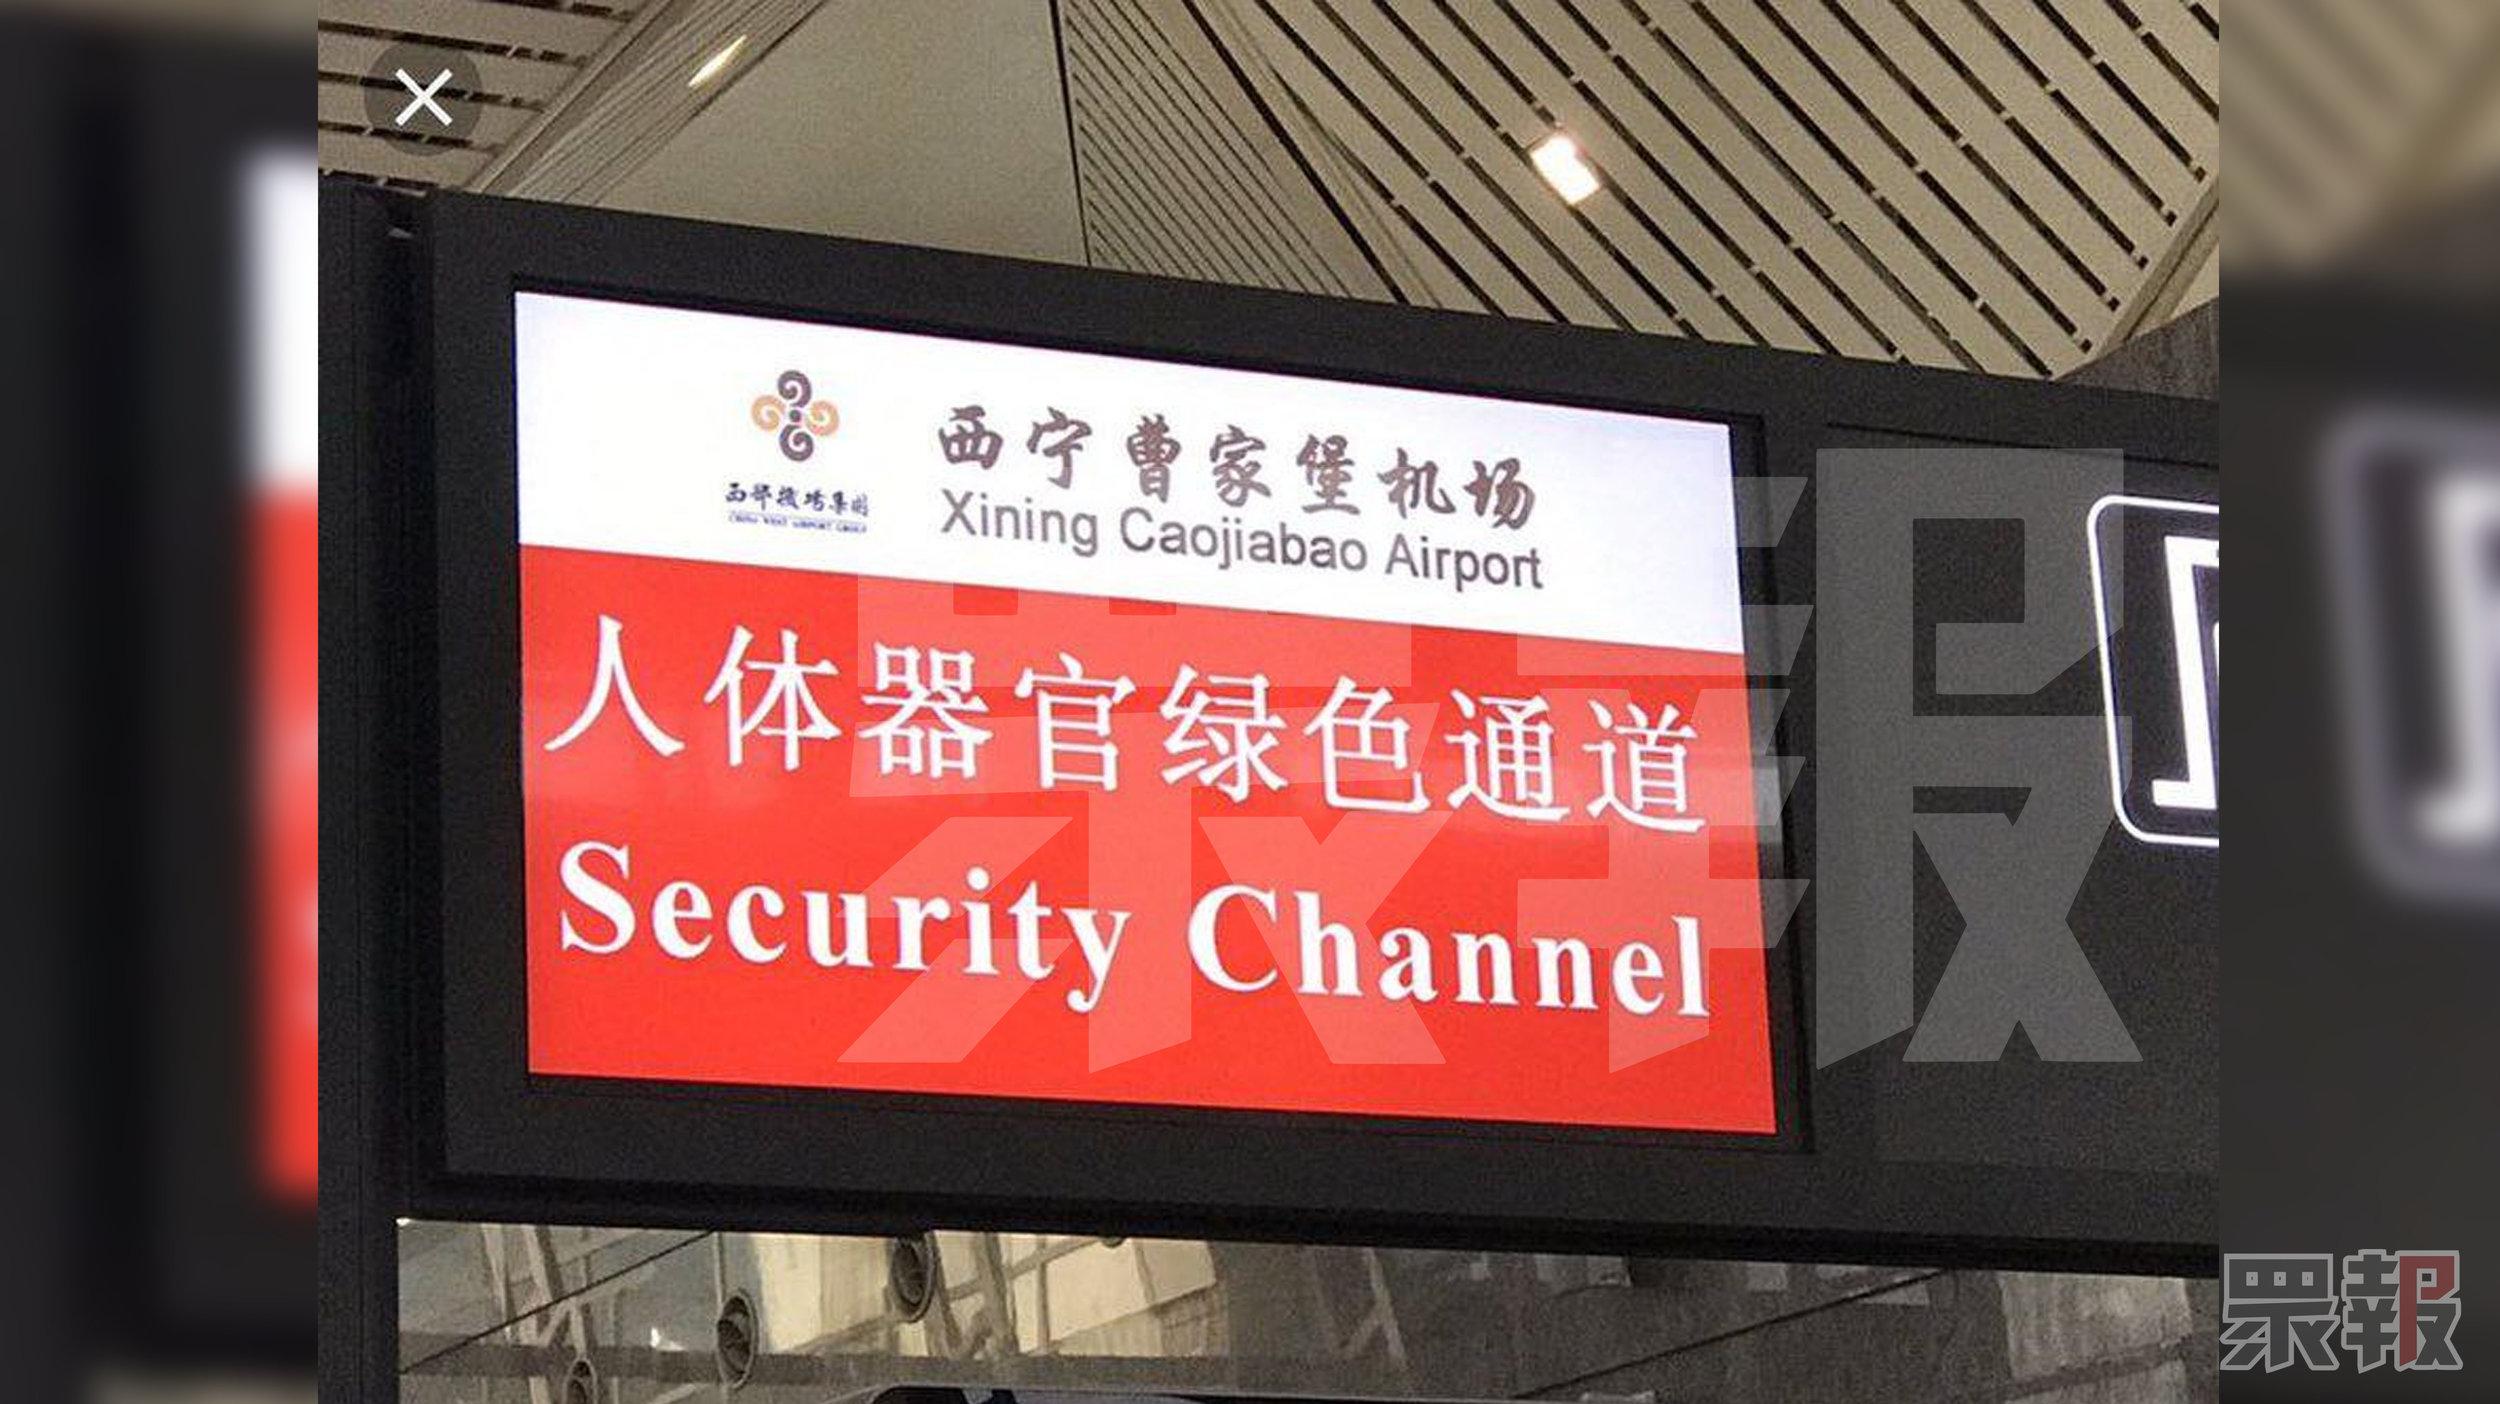 中國青海省會的西寧曹家堡國際機場,也被爆出開啟「人體器官綠色通道」。圖片來源:網路圖片